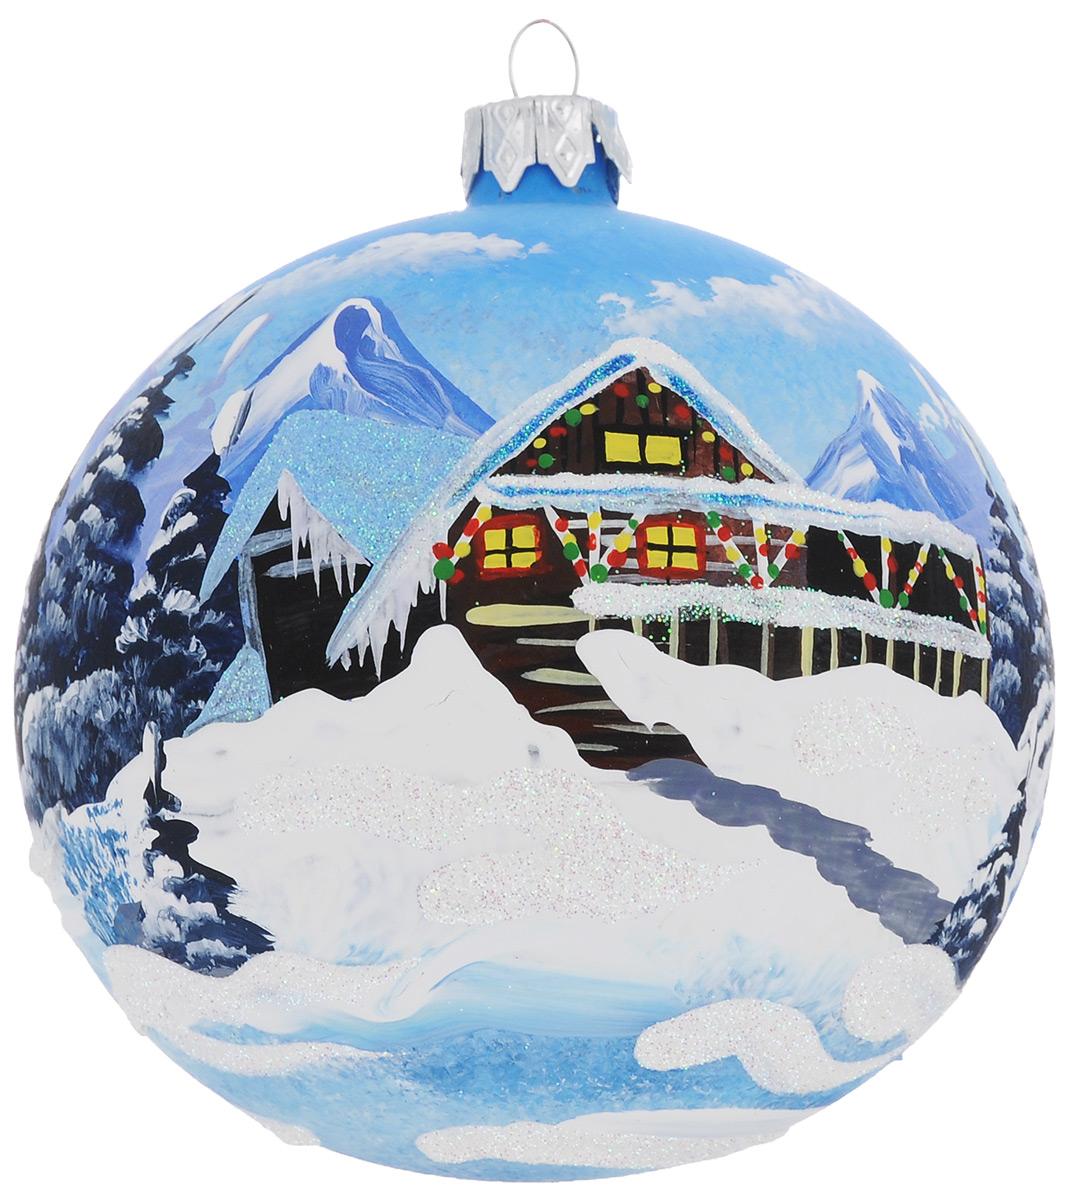 """Новогоднее украшение """"Домик Санта Клауса"""" отлично подойдет для украшения вашего дома и новогодней ели. Игрушка выполнена из тонкого стекла в виде шара и декорирована изображением домика в снегу. Украшение оснащено специальной металлической петелькой, в которую можно продеть нитку или ленту для подвешивания. Елочная игрушка - символ Нового года. Она несет в себе волшебство и красоту праздника. Создайте в своем доме атмосферу веселья и радости, украшая всей семьей новогоднюю елку нарядными игрушками, которые будут из года в год накапливать теплоту воспоминаний."""